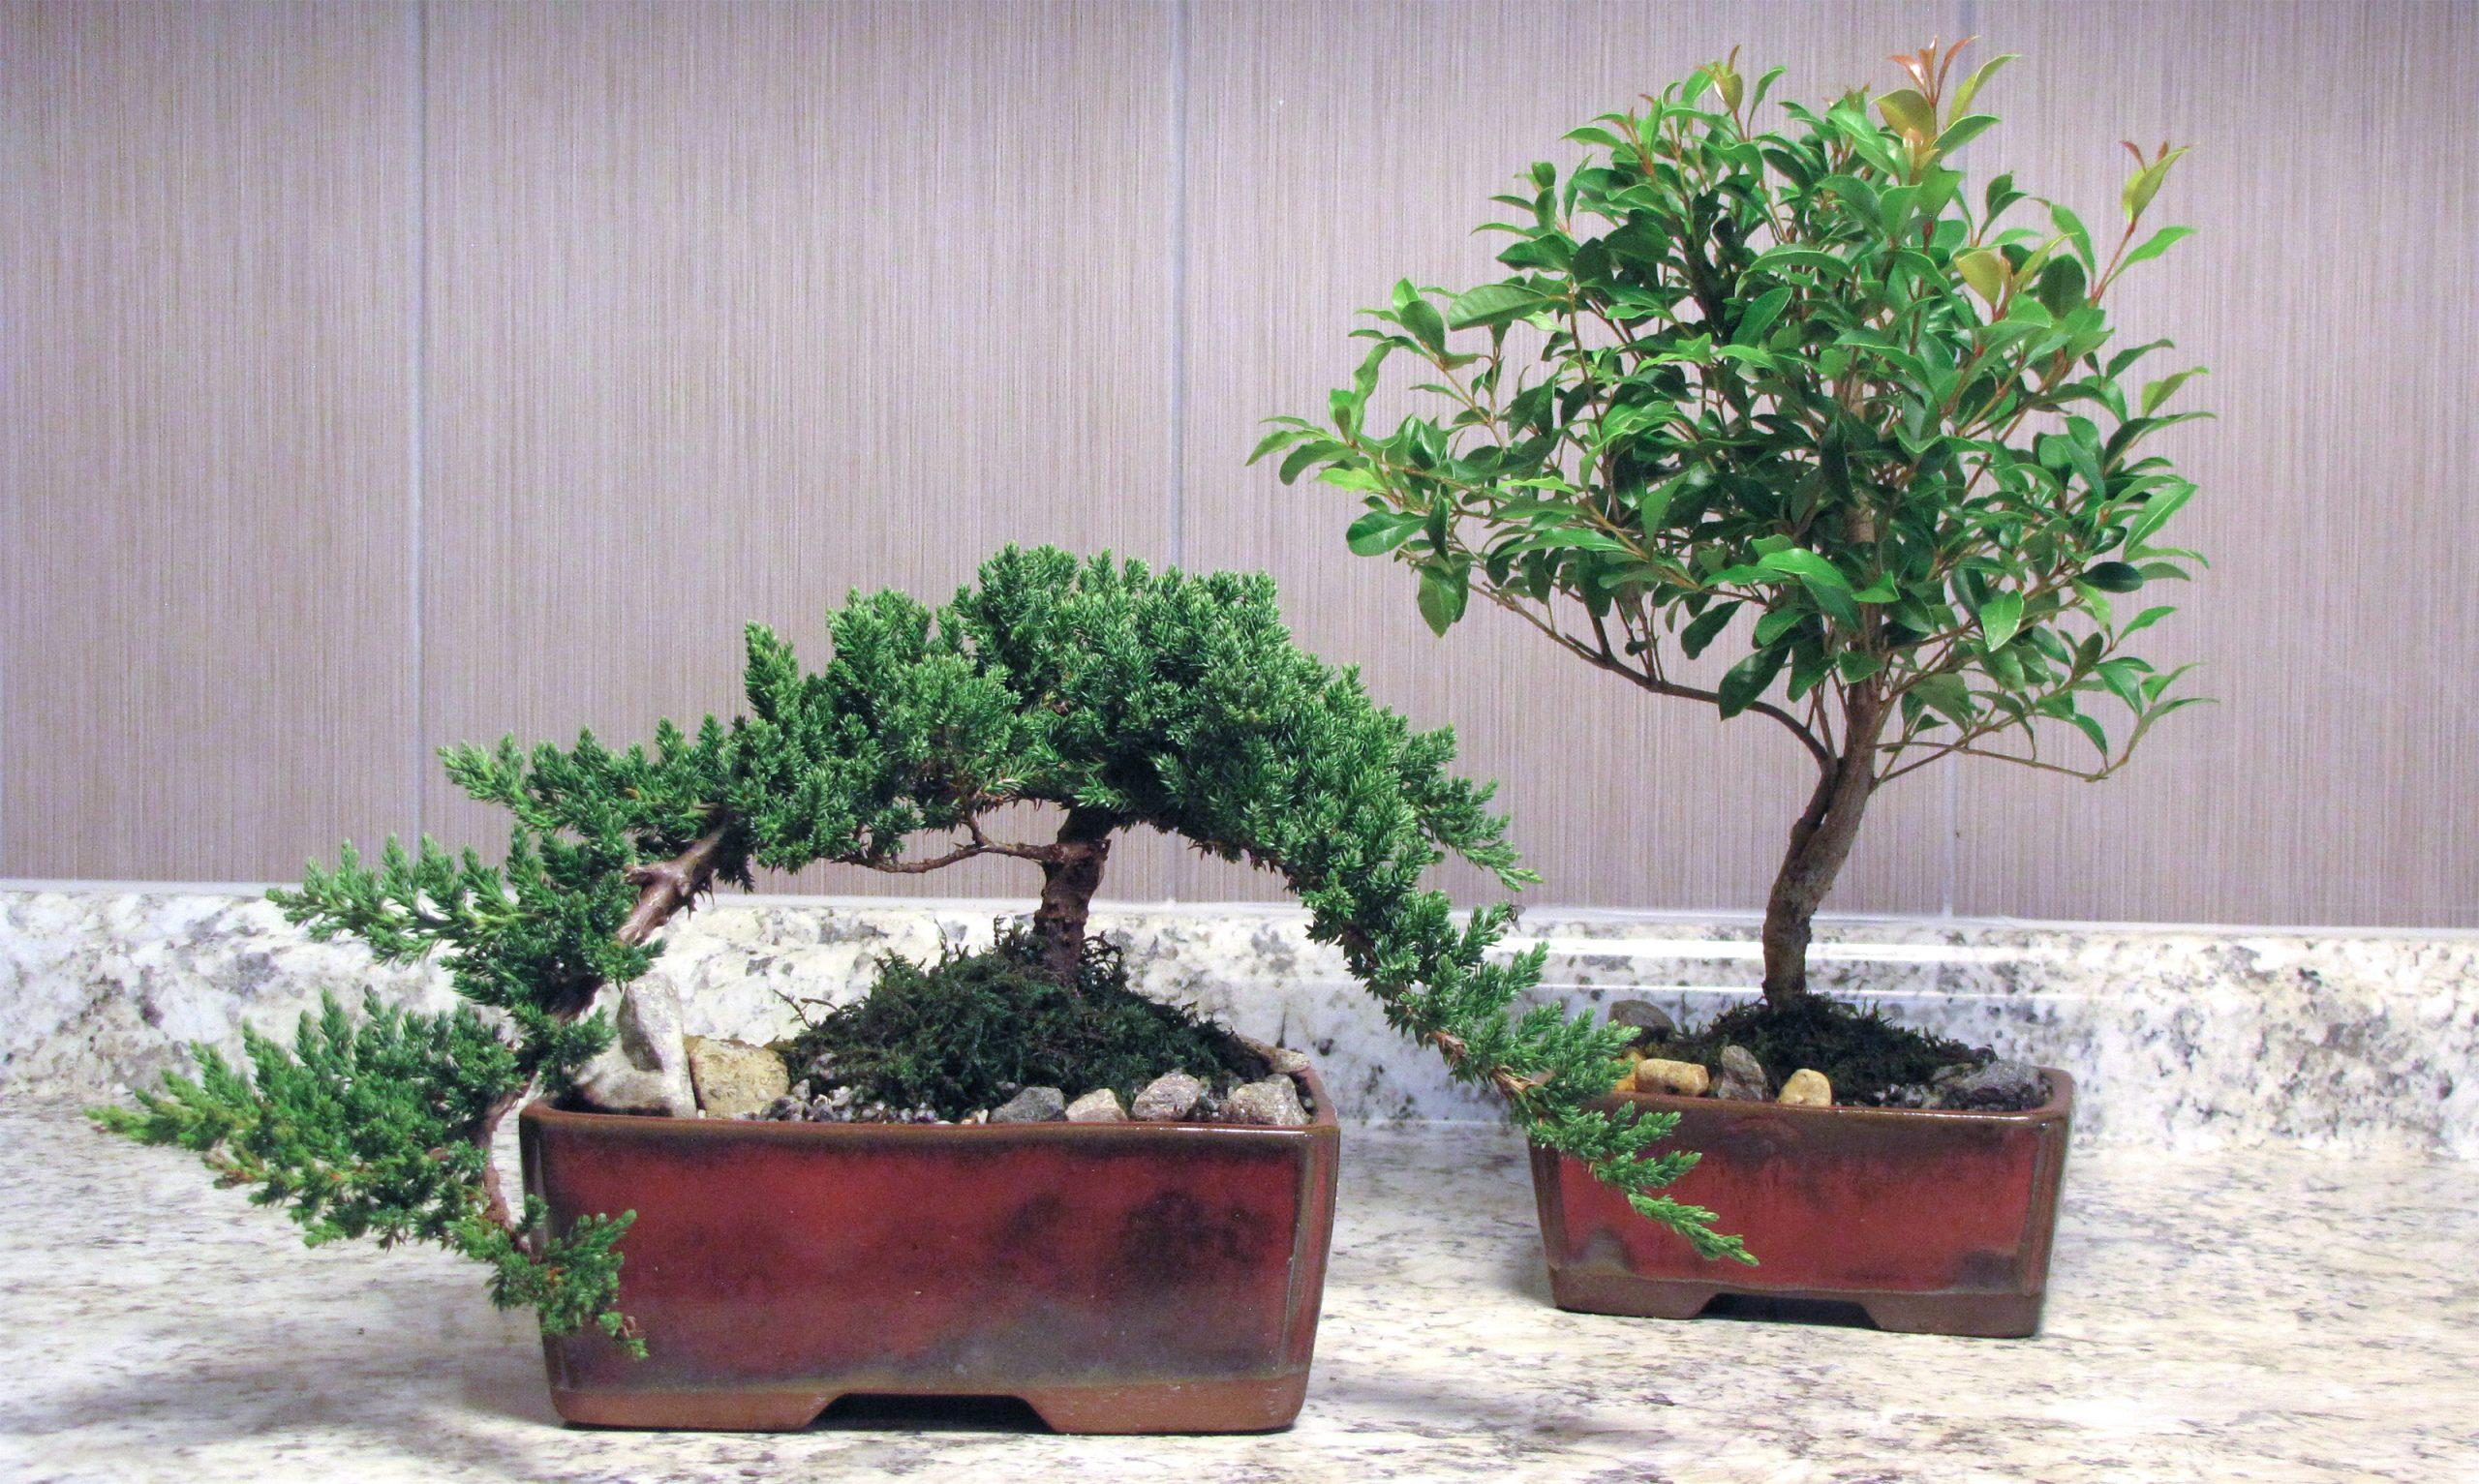 Bonsai from Eve's Garden